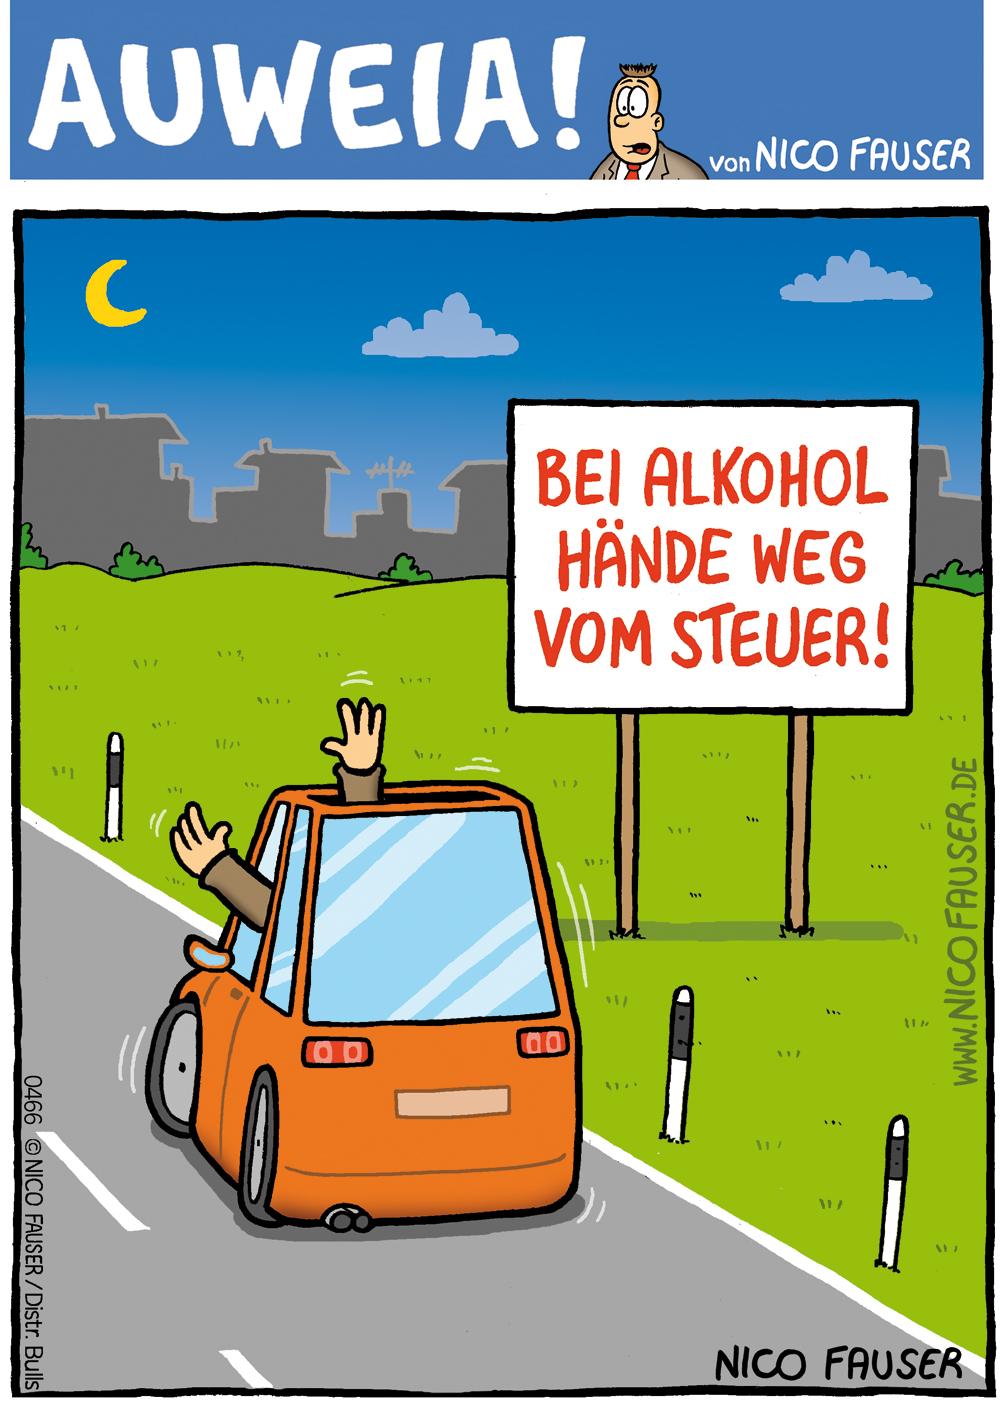 Auweia_0466 Hände weg vom Steuer F